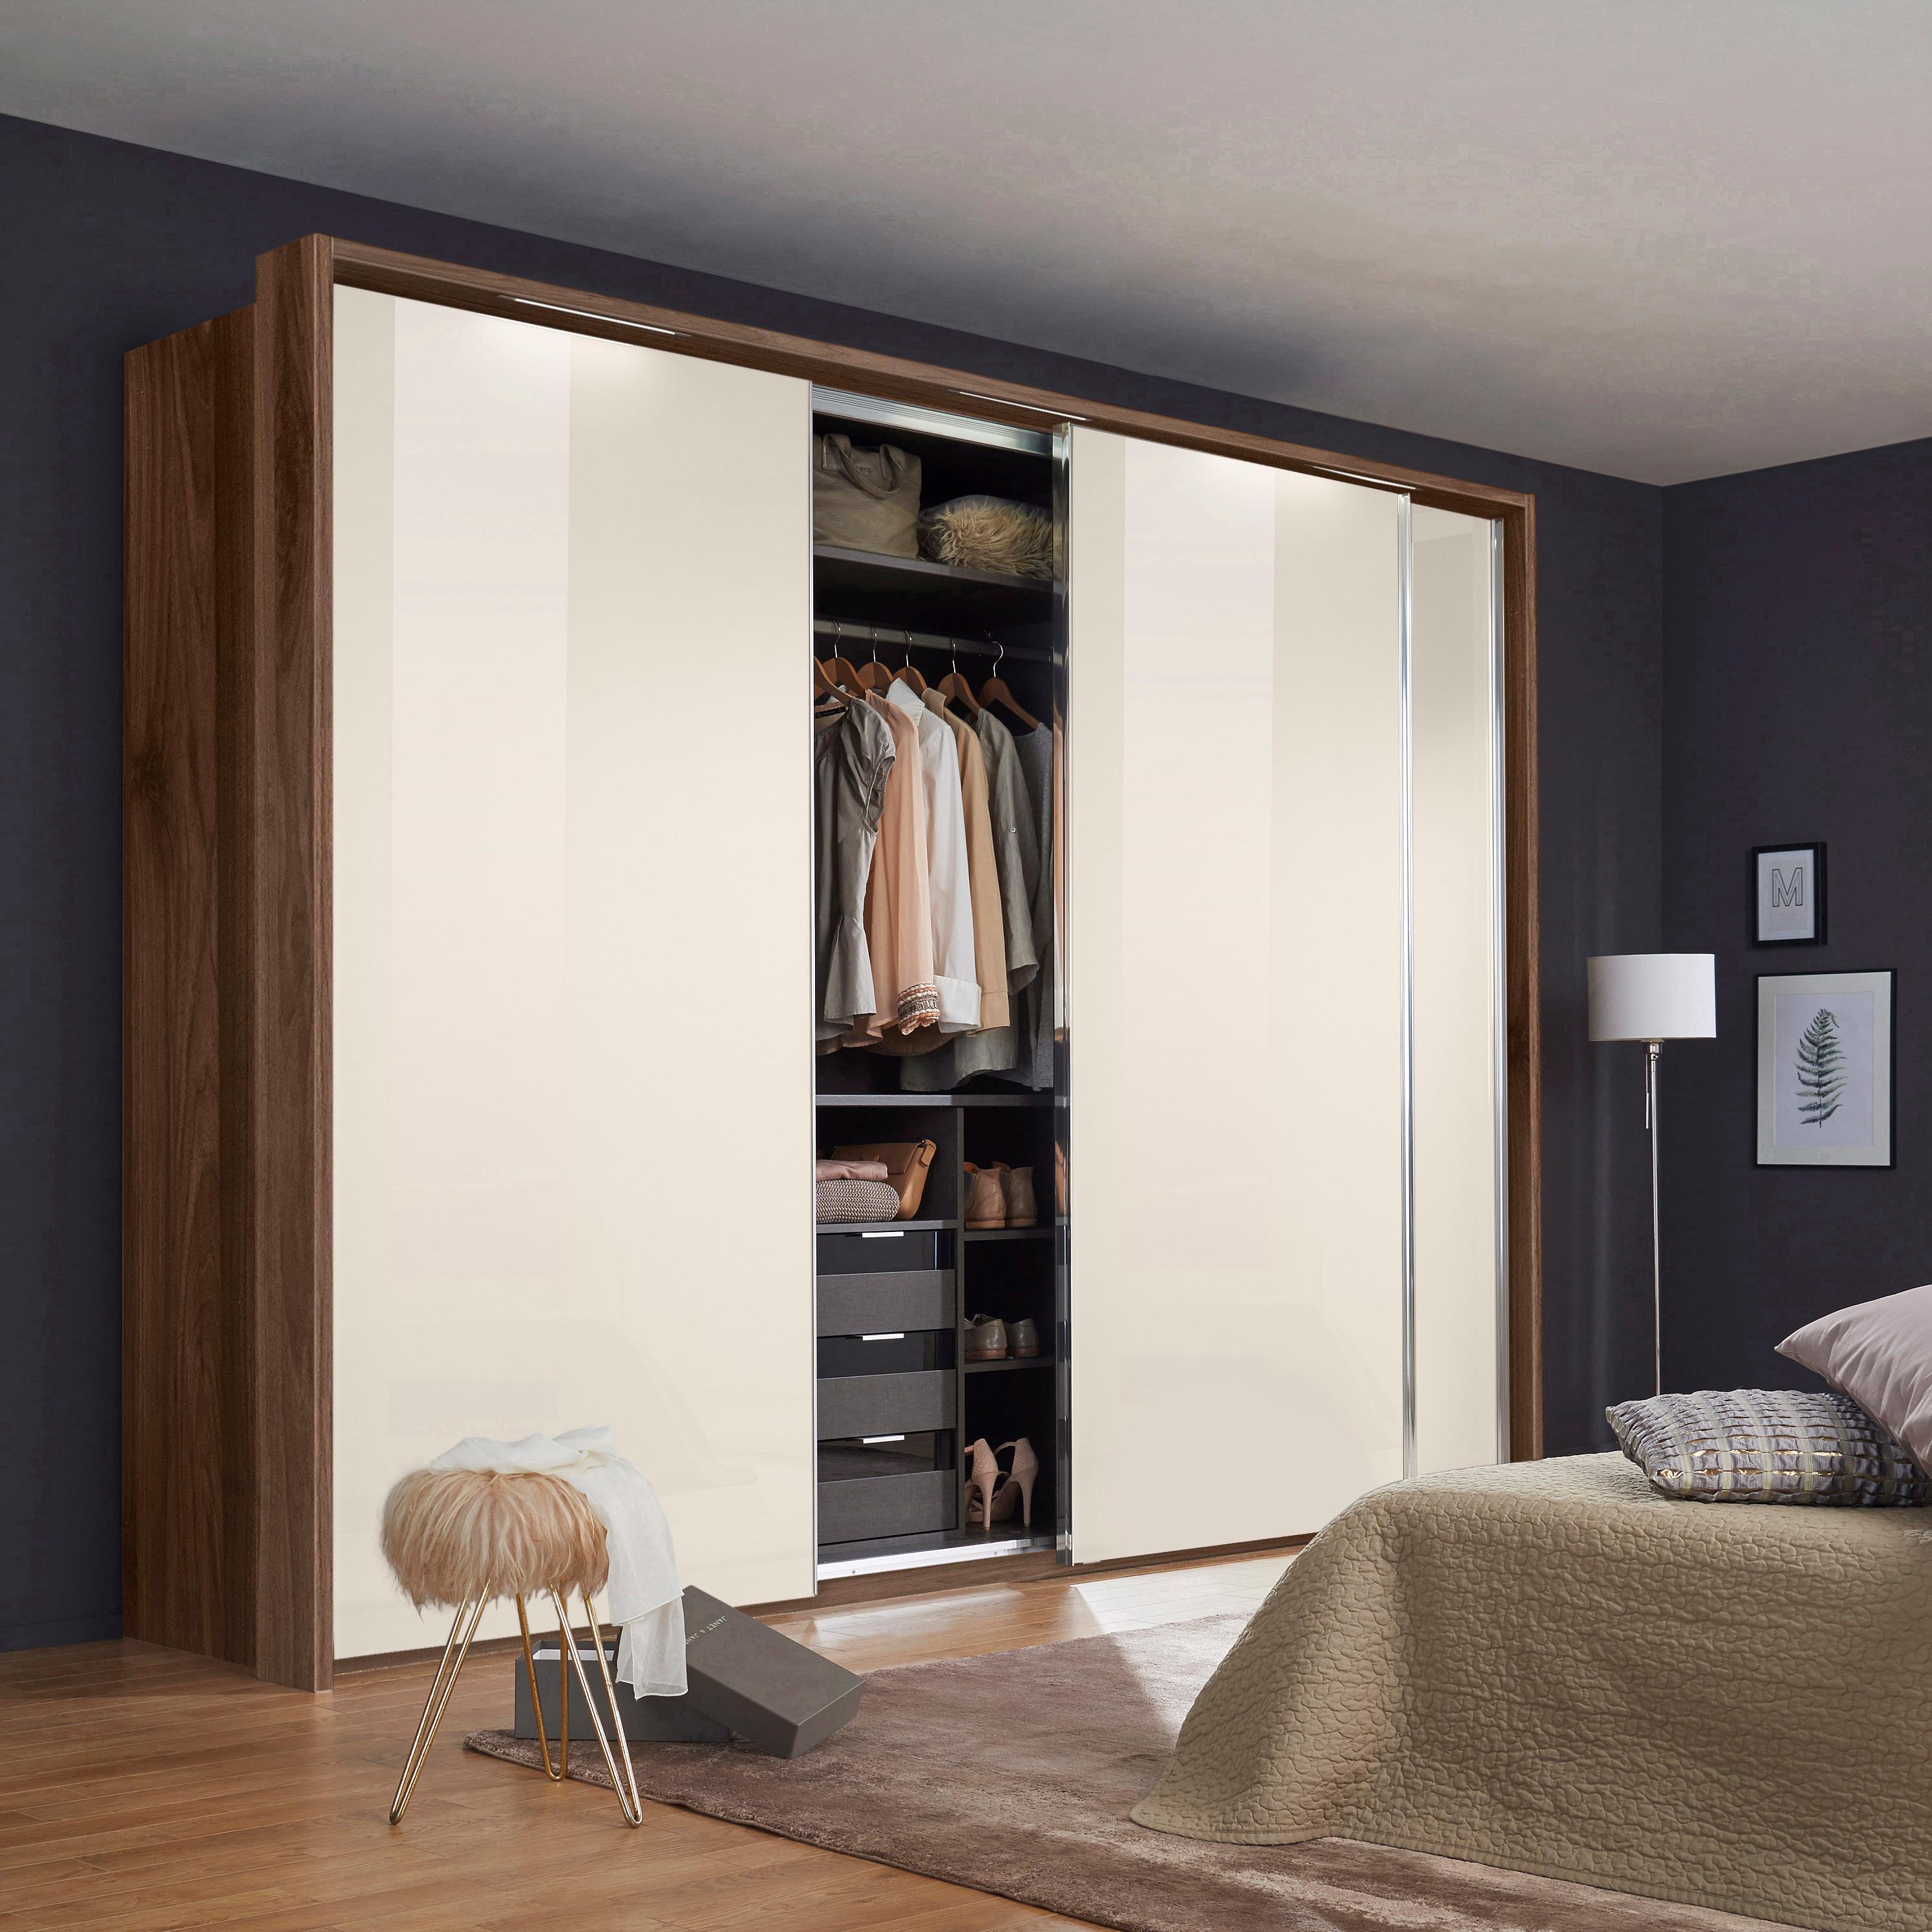 Sonoma Eiche Eiche Schwebetürenschränke Online Kaufen Möbel